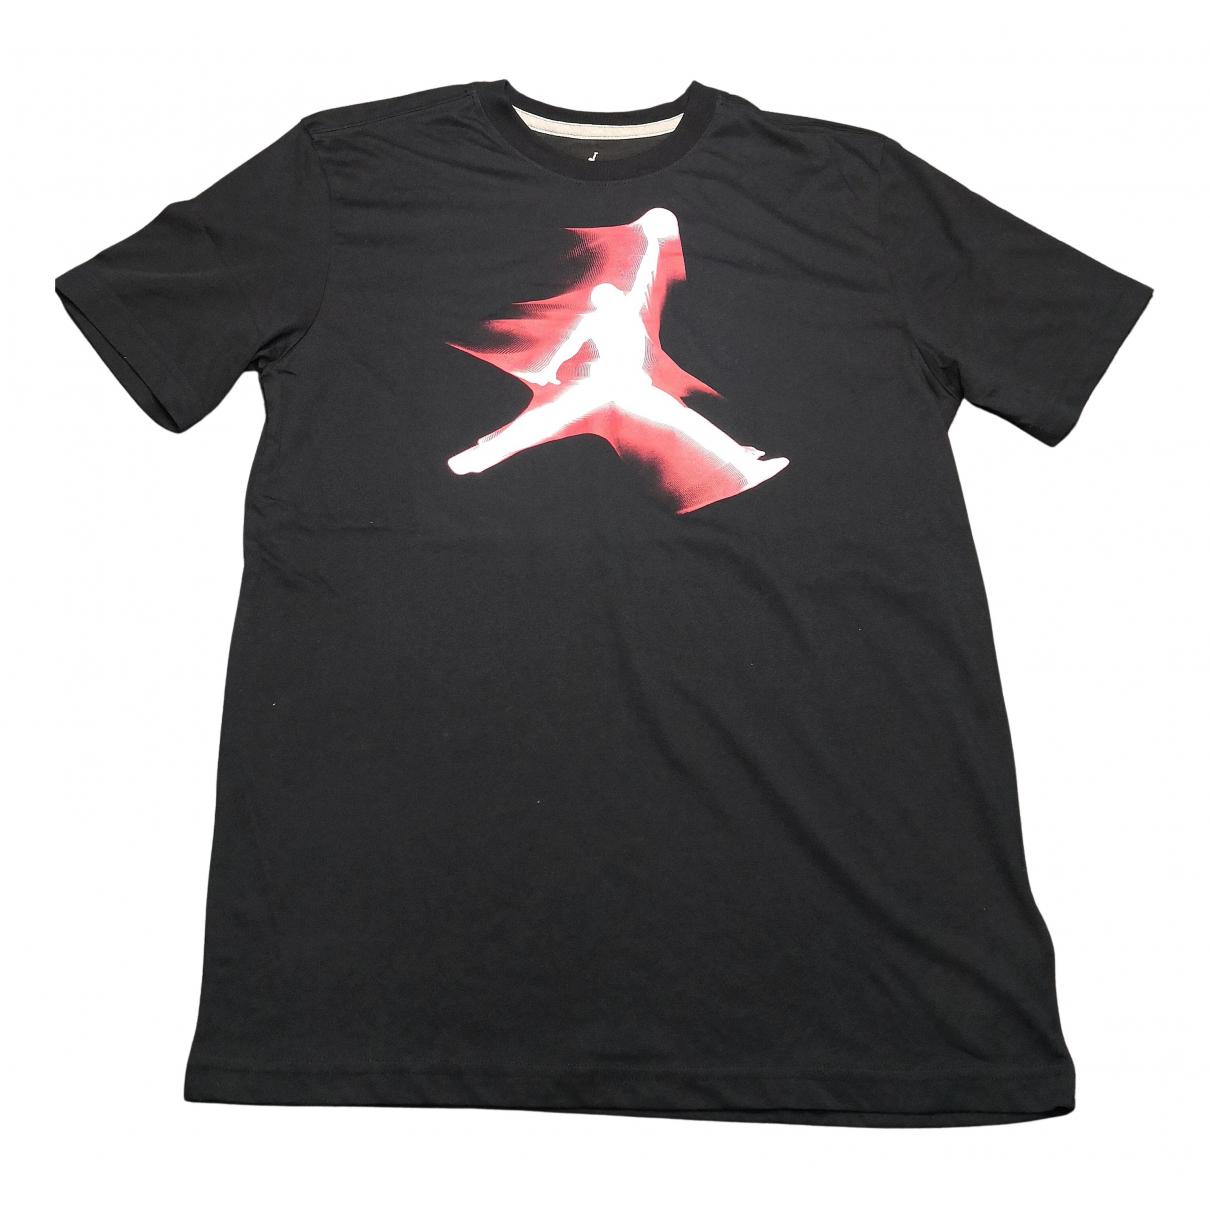 Jordan - Tee shirts   pour homme en coton - noir